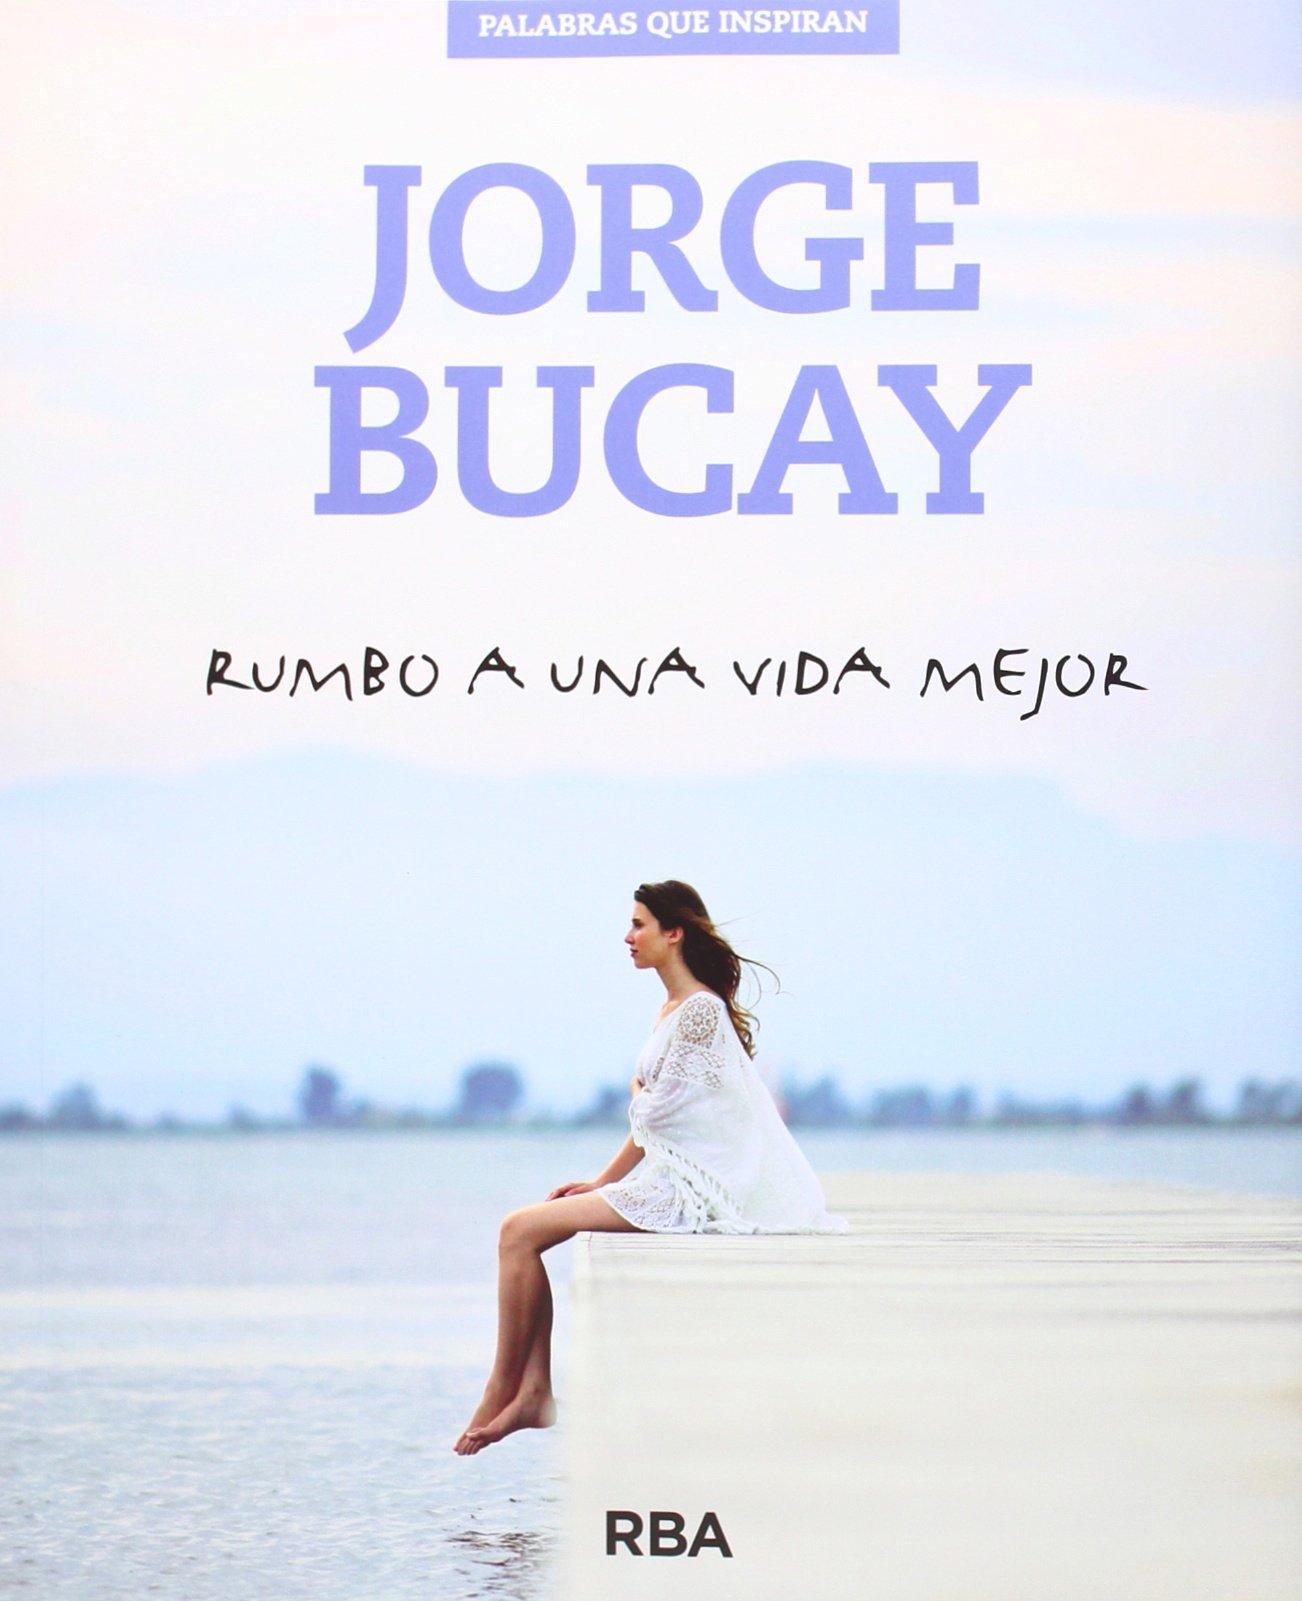 Jorge Bucay, libro, rumbo a una vida mejor RBA